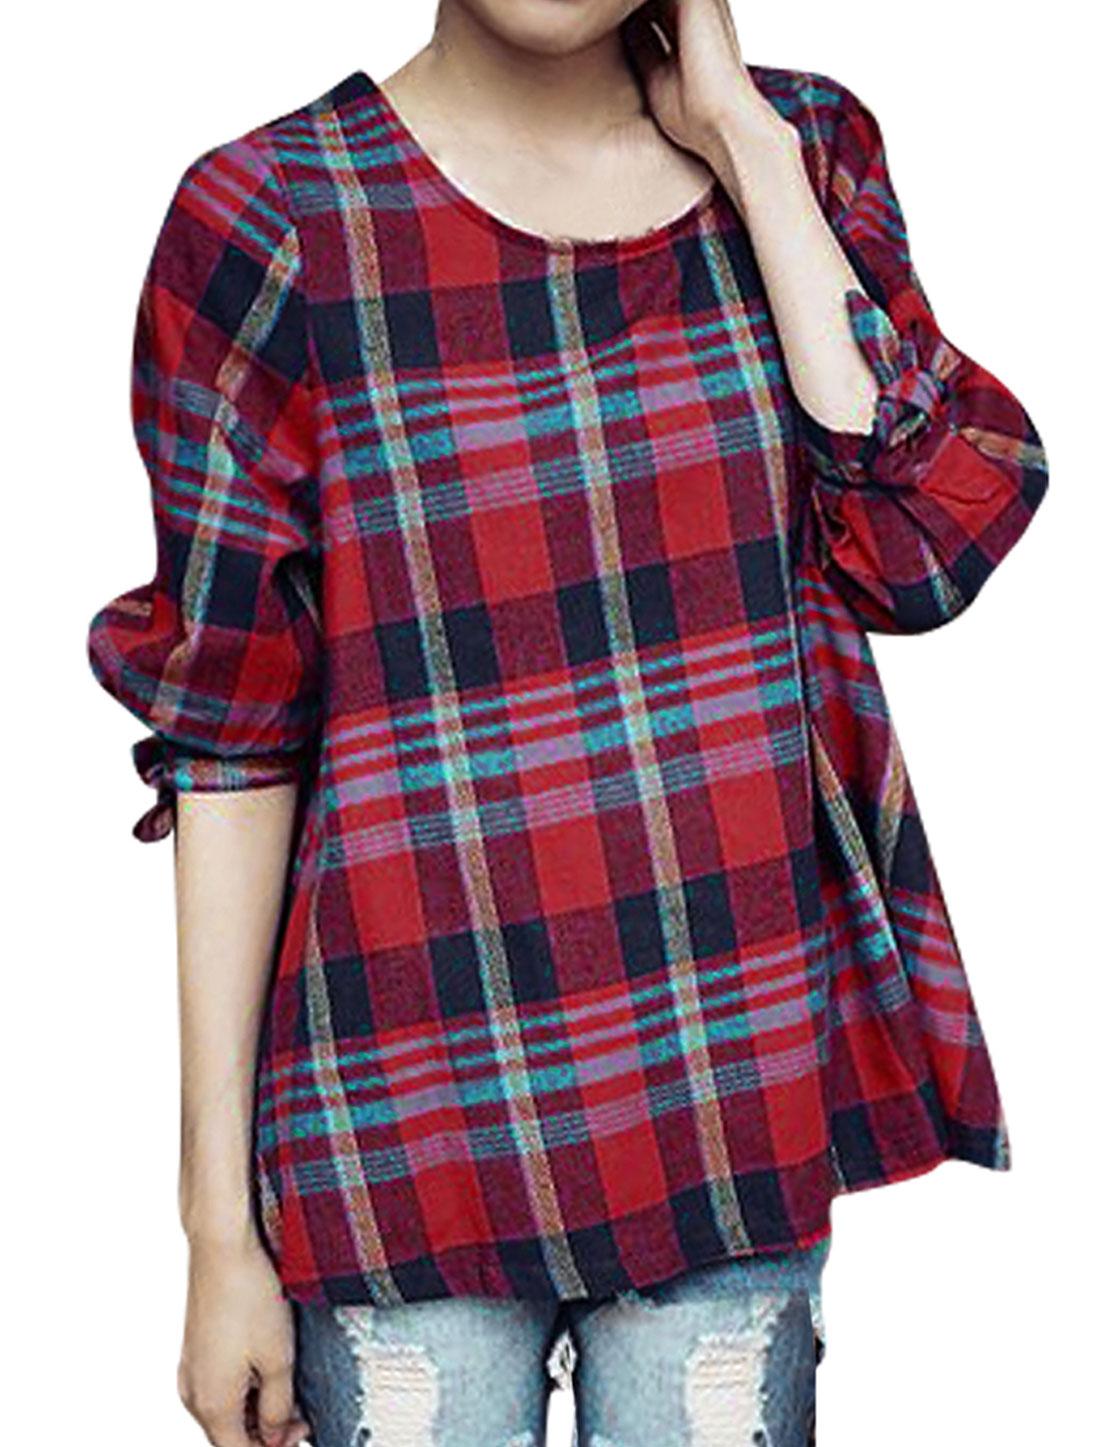 Women 3/4 Sleeve Self Bowknot Cuffs Red Navy Plaids Top Shirt XS